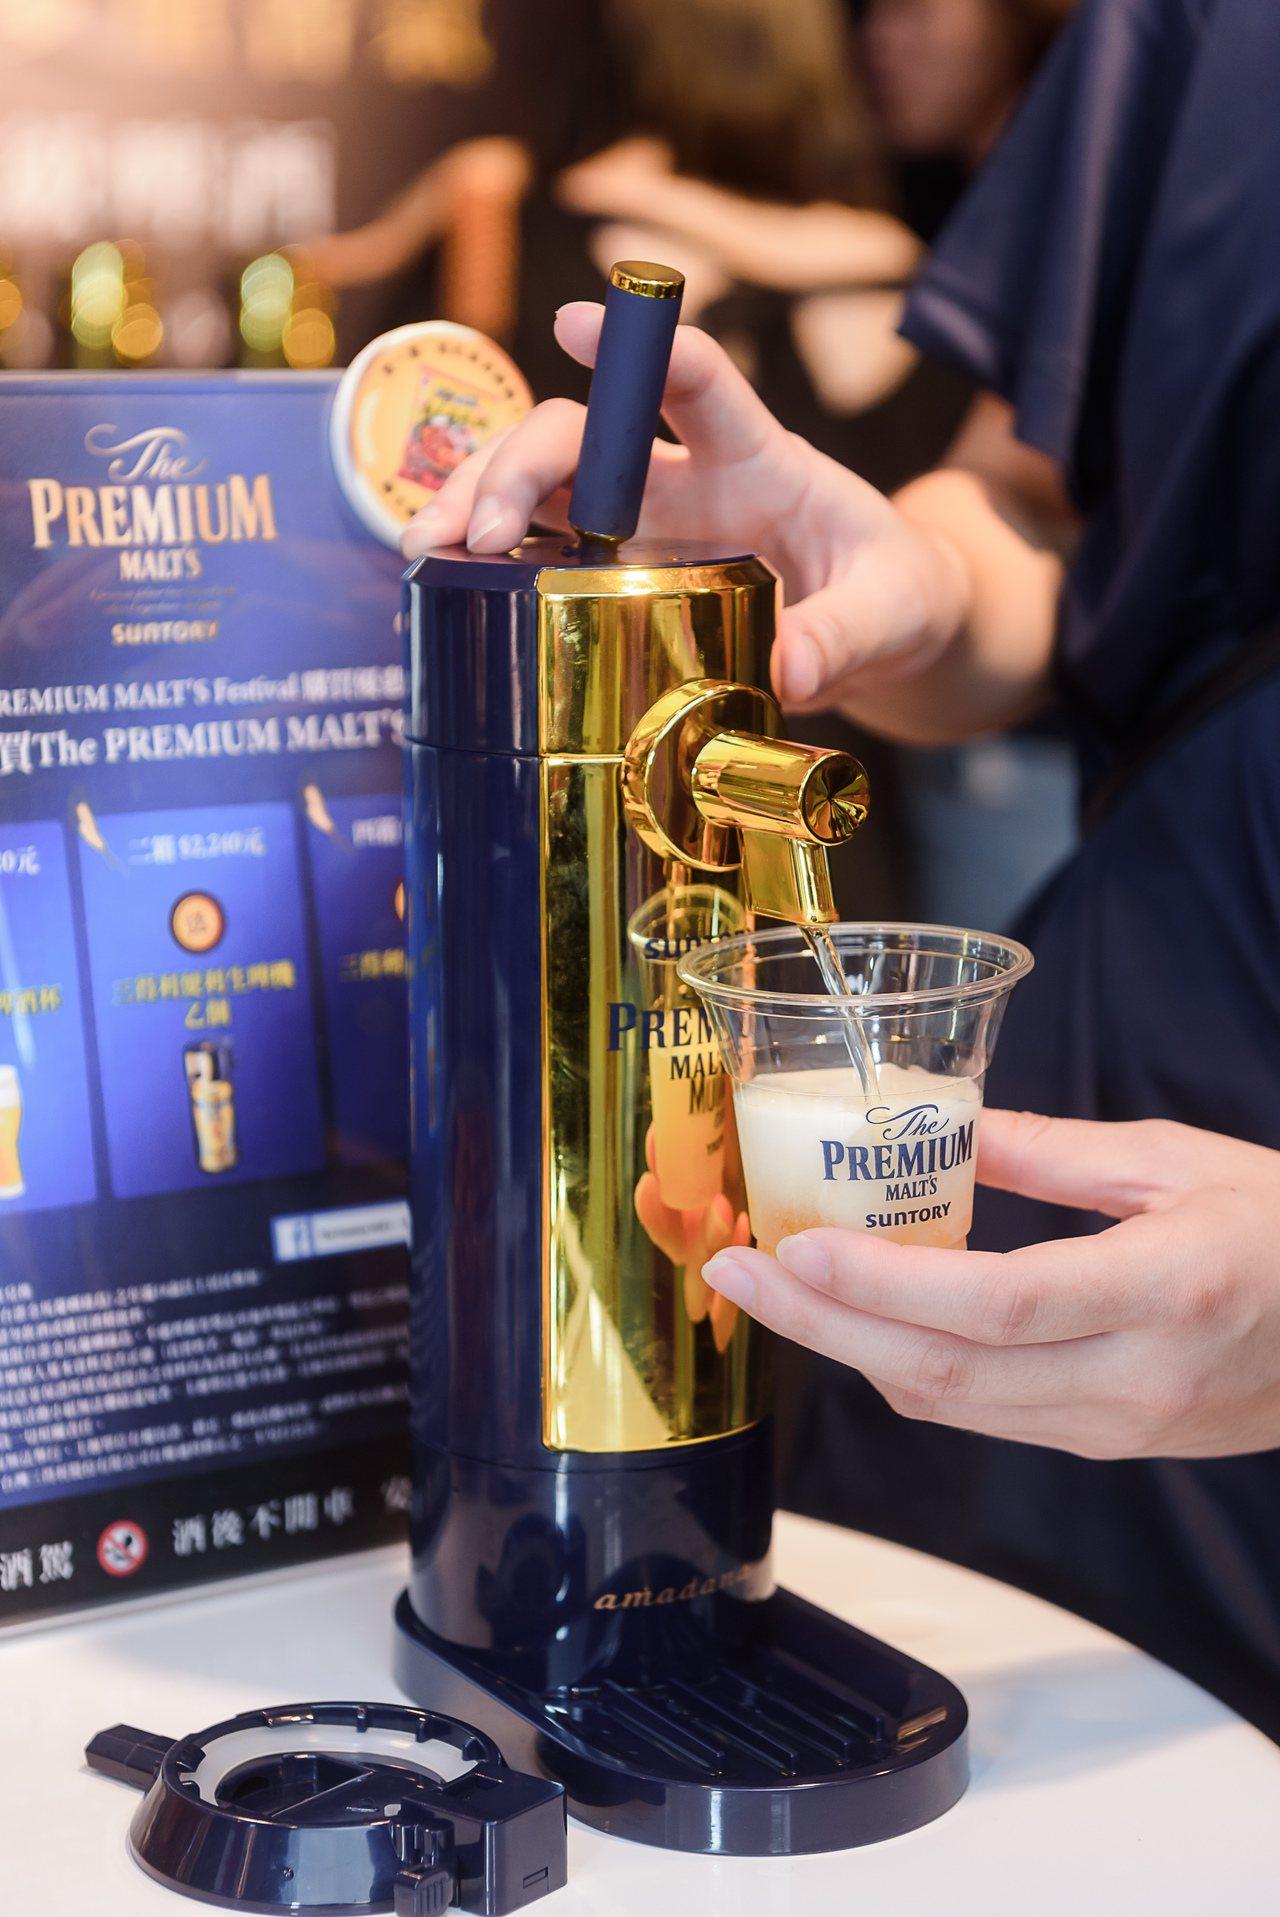 擁有神級泡沫的三得利頂級啤酒,現場提供免費試飲。圖/台灣三得利提供 【未成年請...